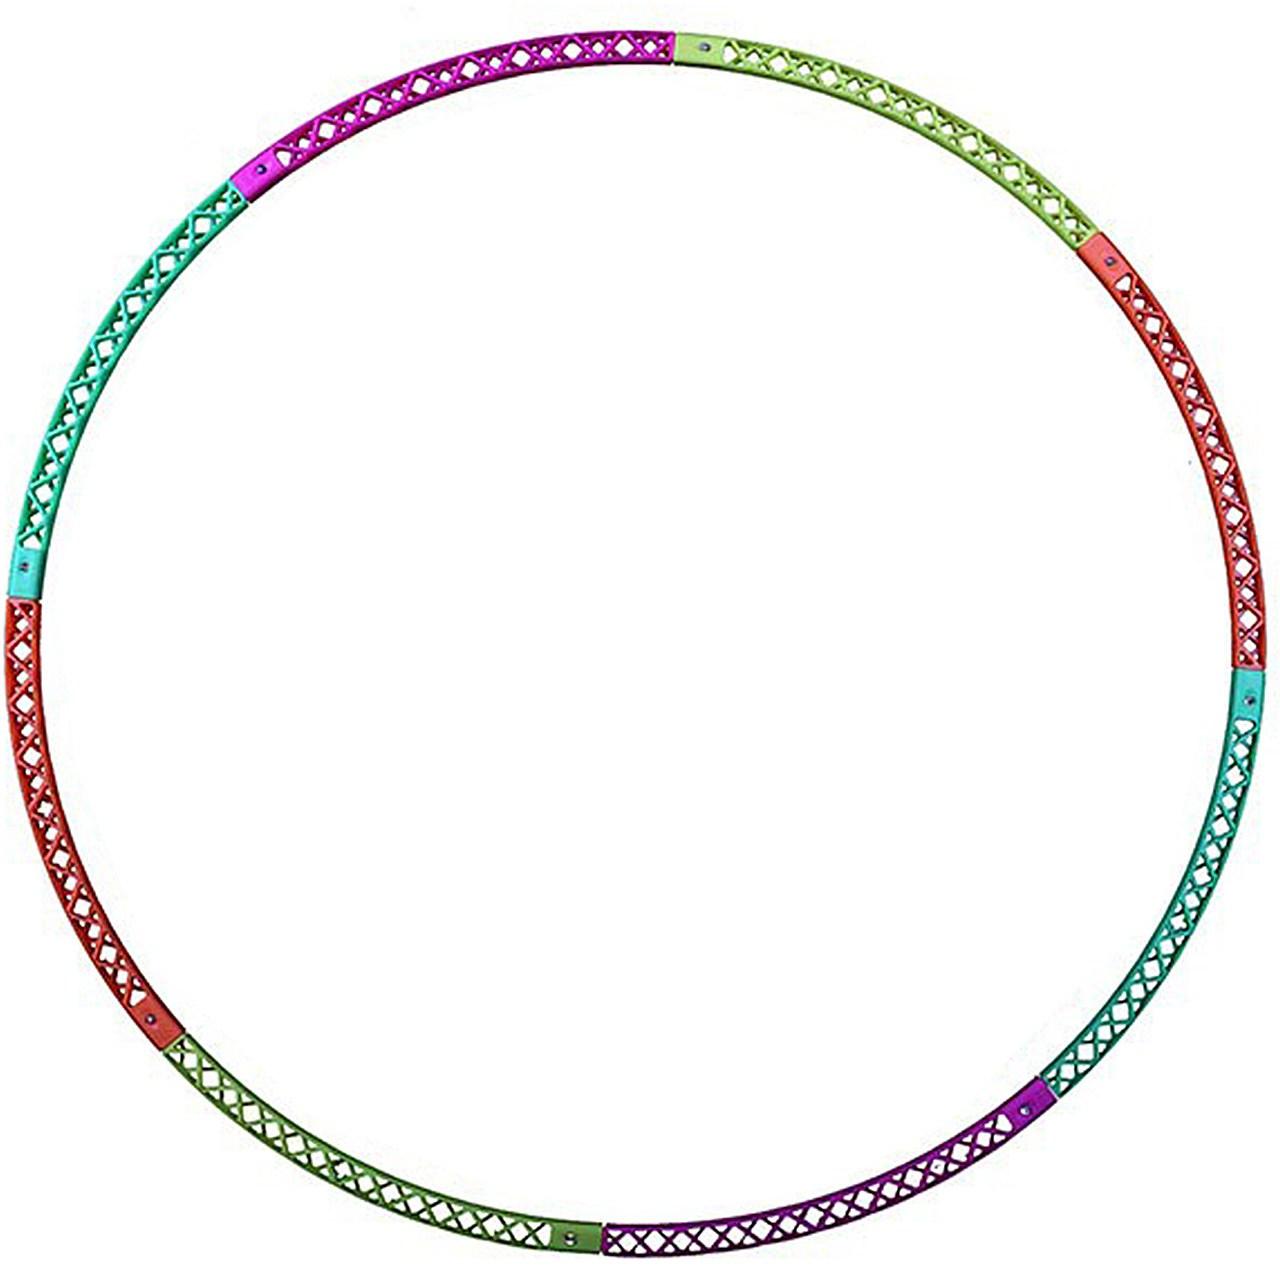 لوازم تناسب اندام تن زیب مدل Reticula Hoop